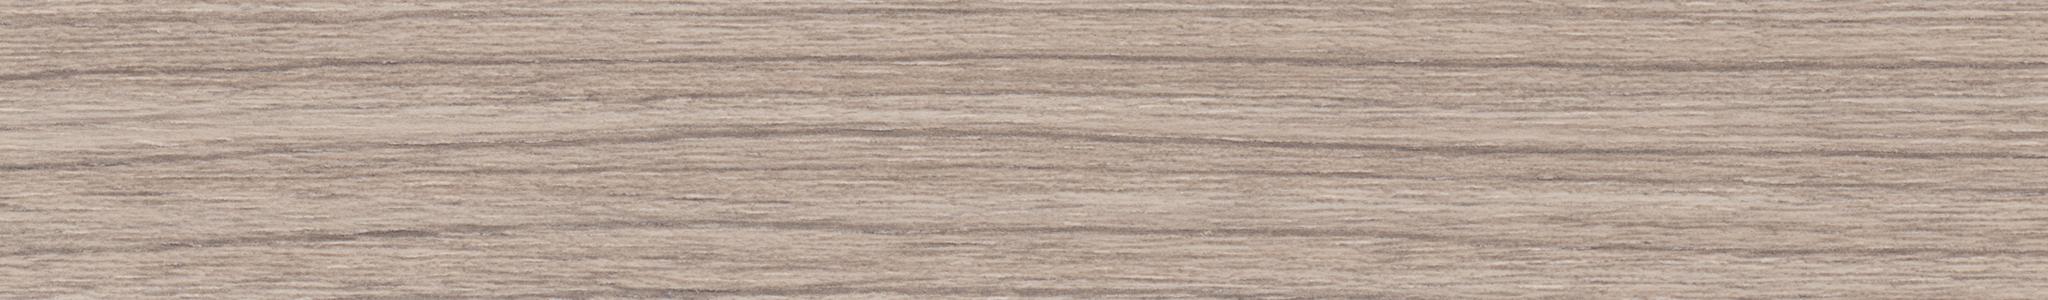 HD 254059 Кромка ABS Вяз Лионга - Поры - Мягкая Матовая